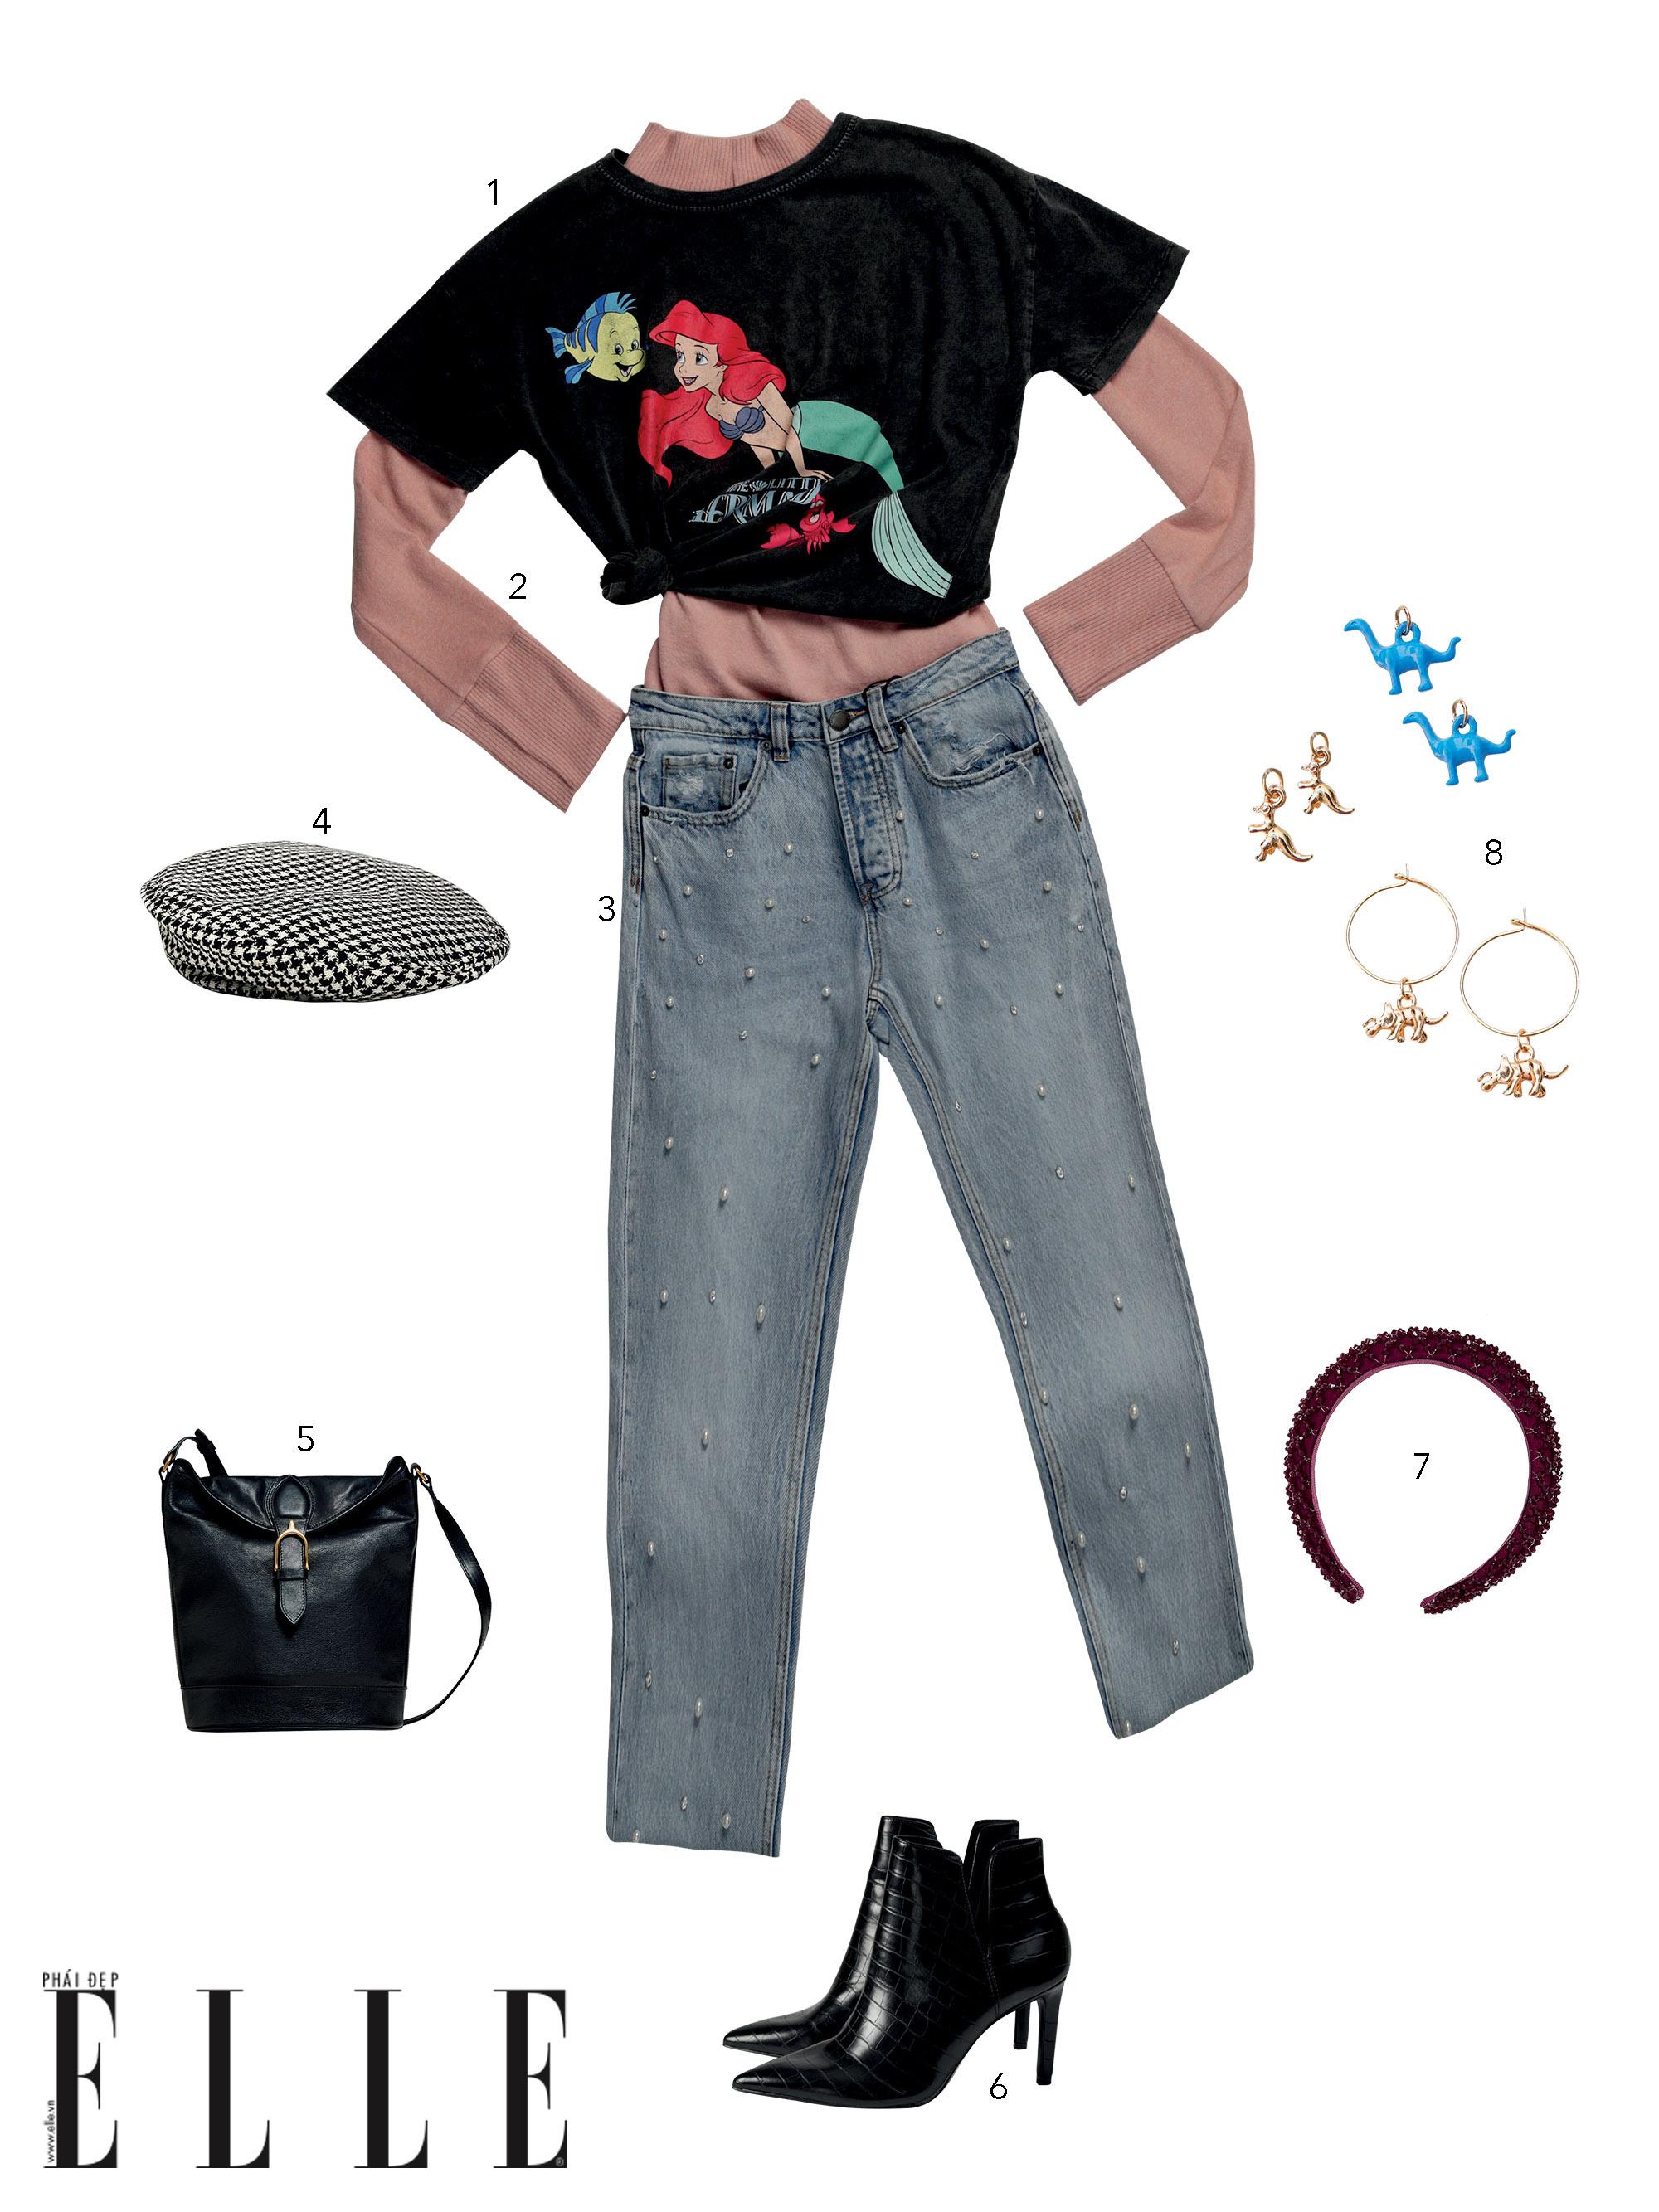 phong cách preppy với áo thun in hoạt hình và quần jeans